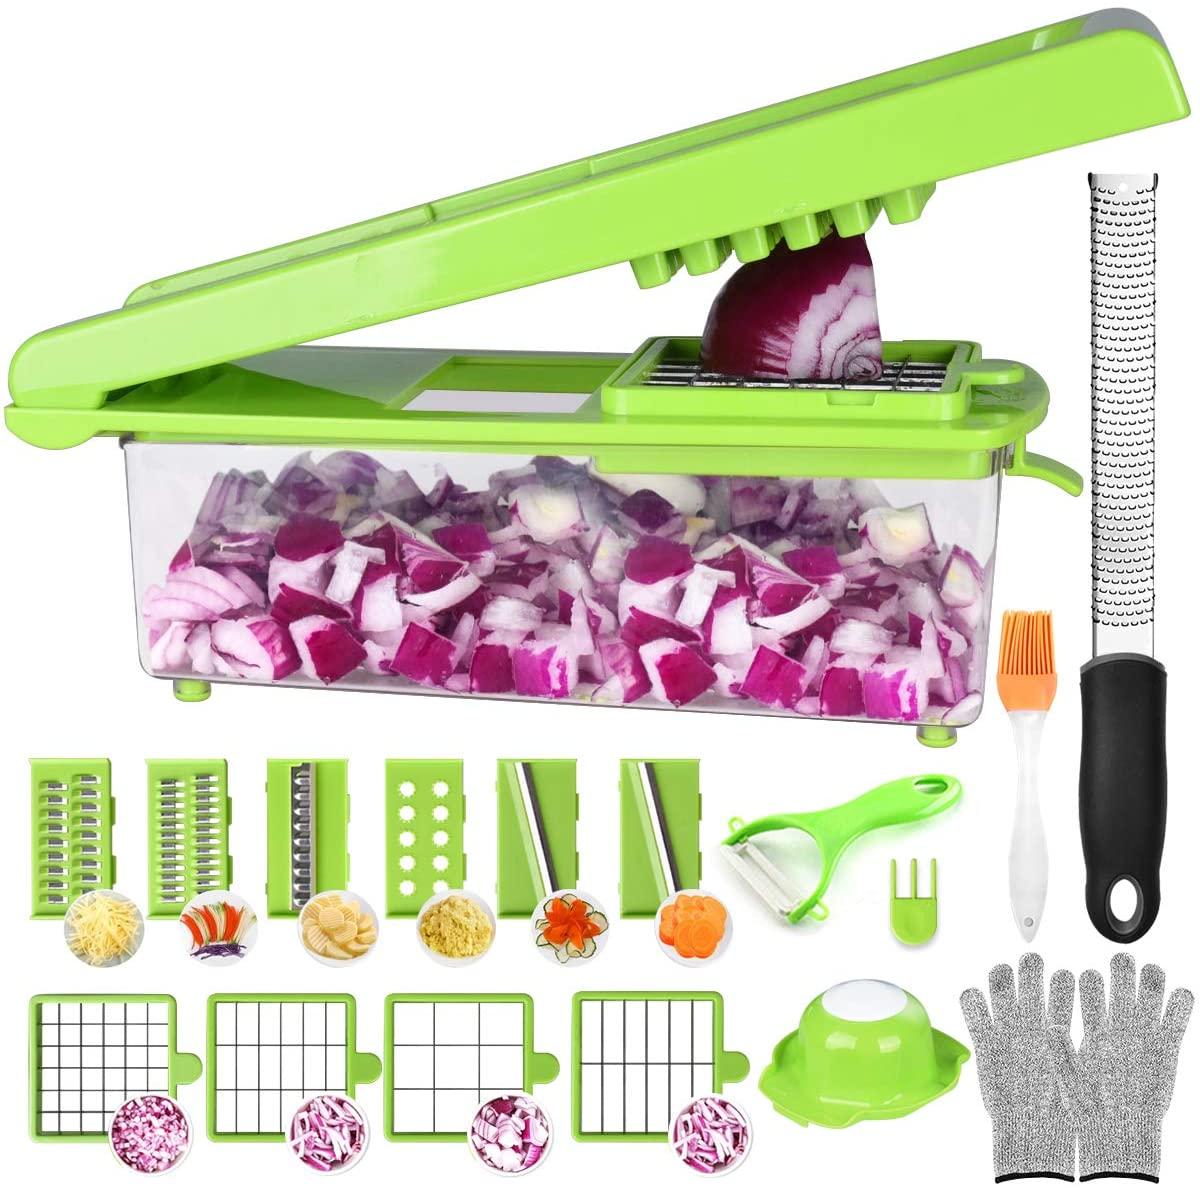 Cortador de verduras y frutas 24 en 1